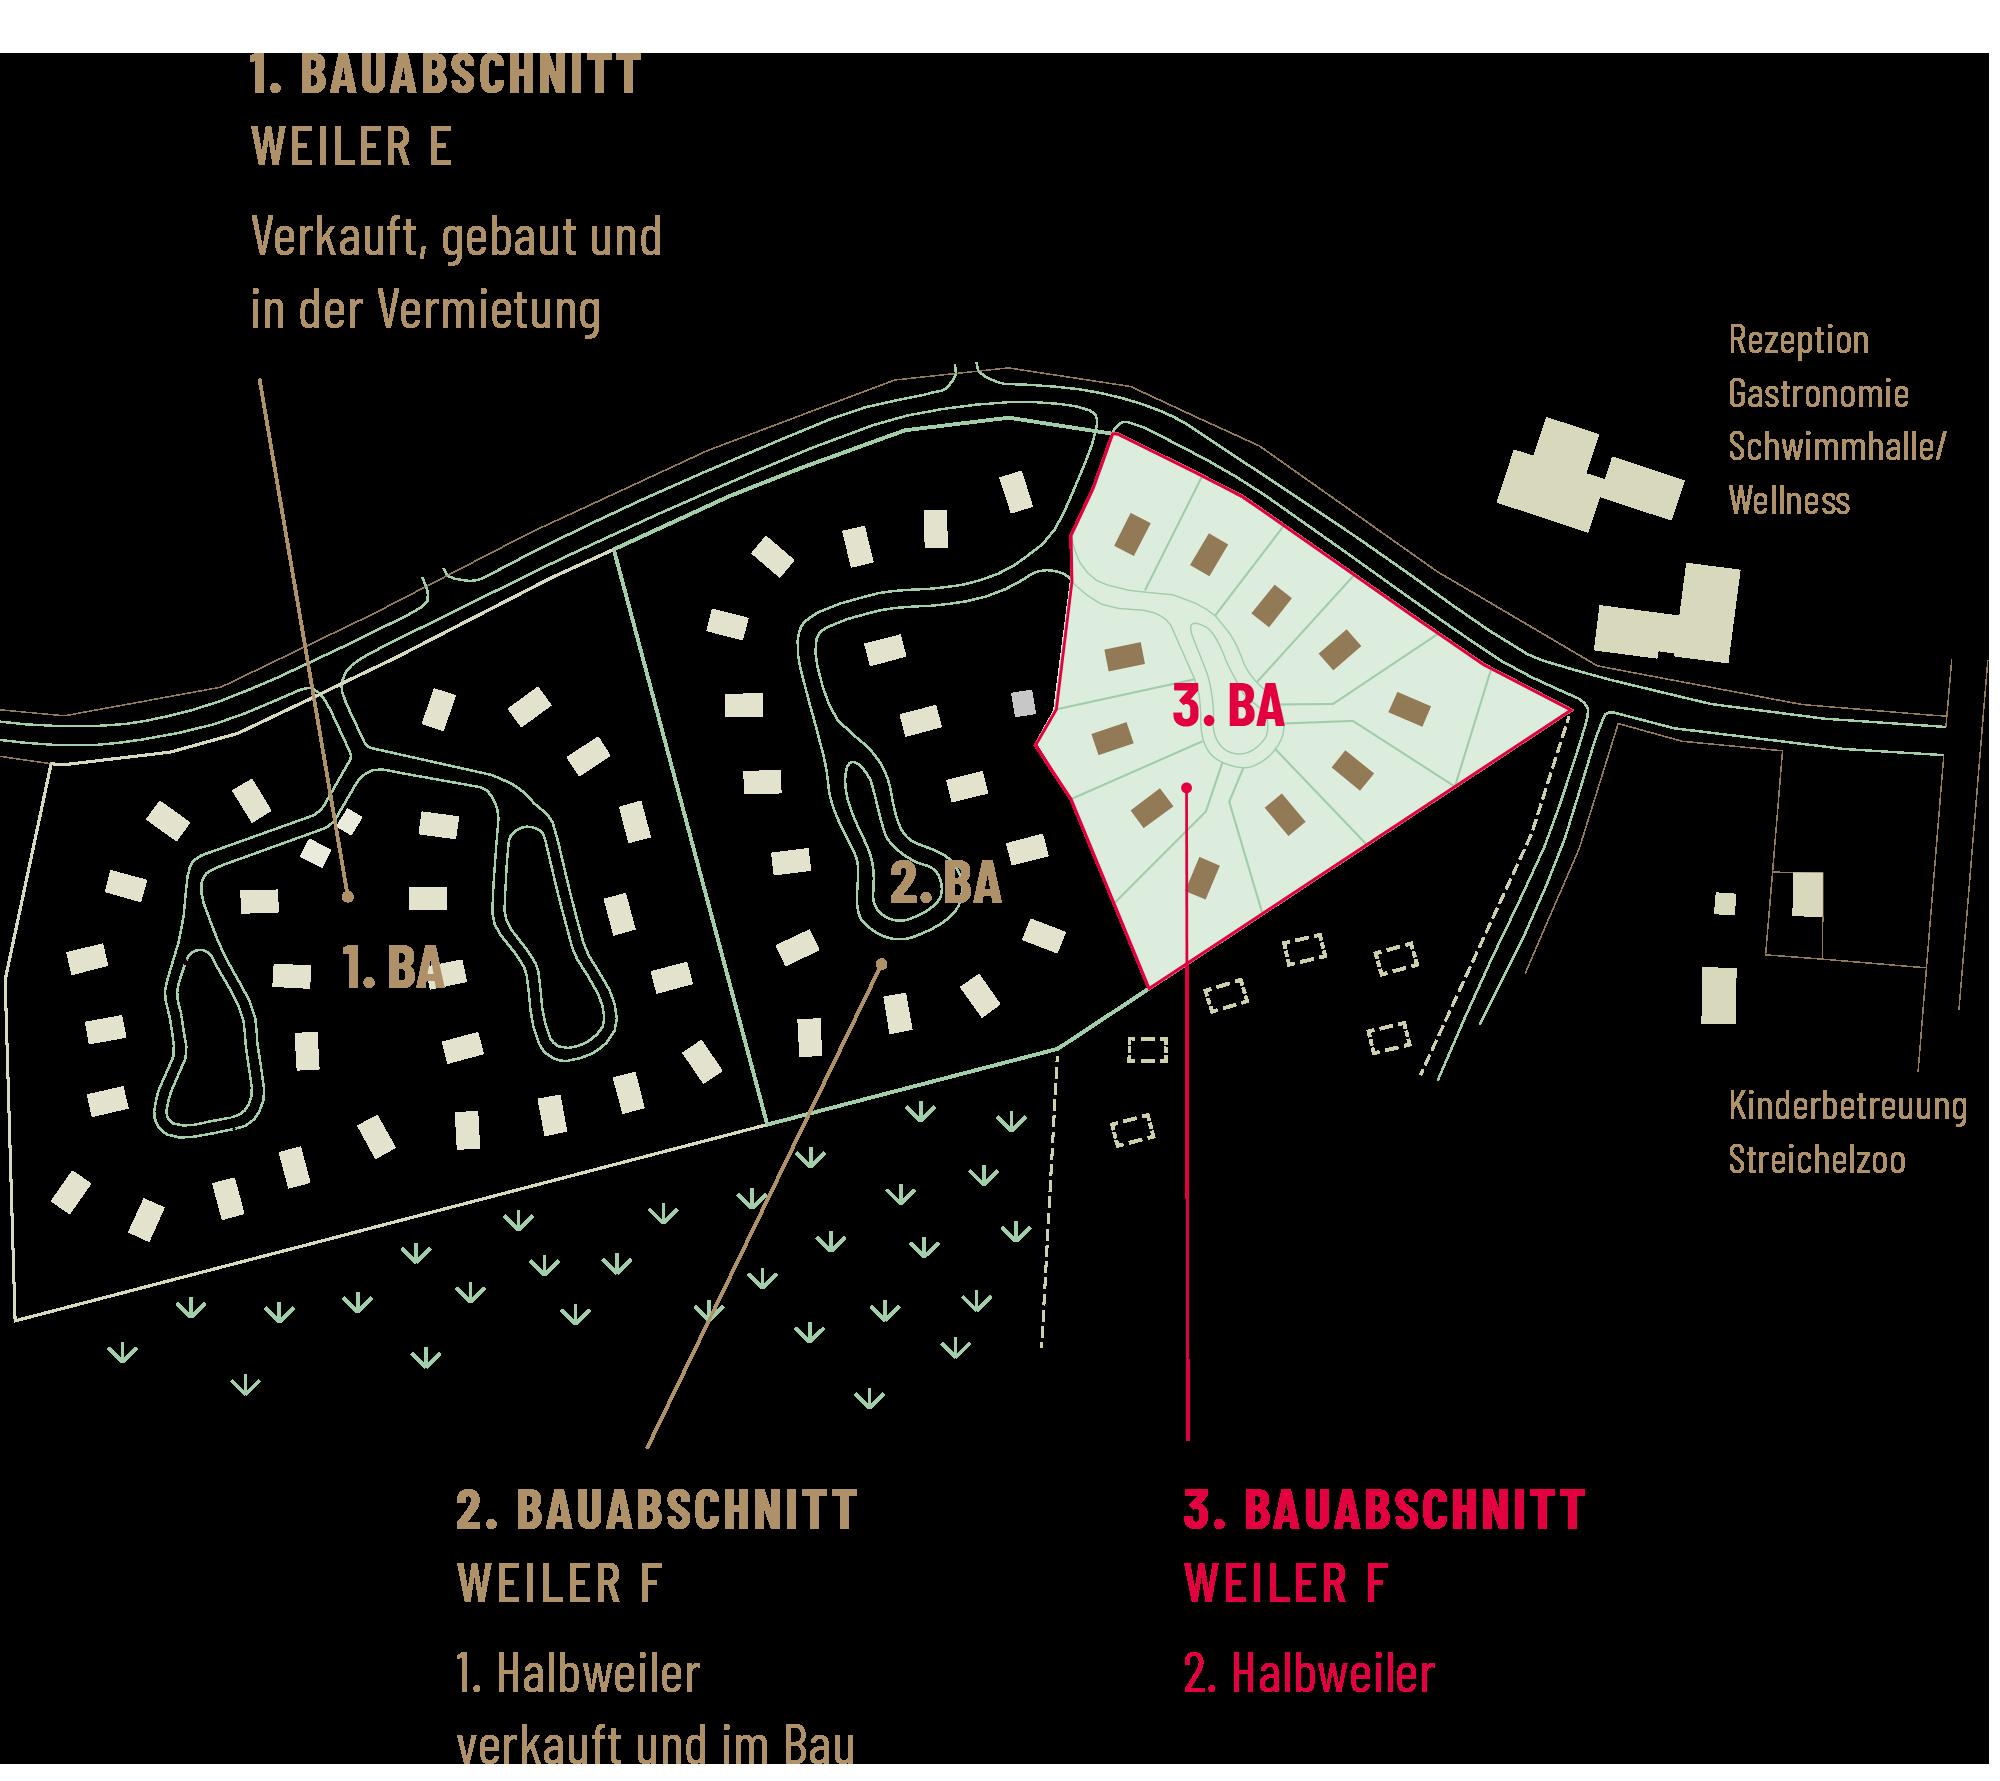 Bebauungsplan der Ferienhäuser / Reetdachvillen zum Kauf auf Rügen